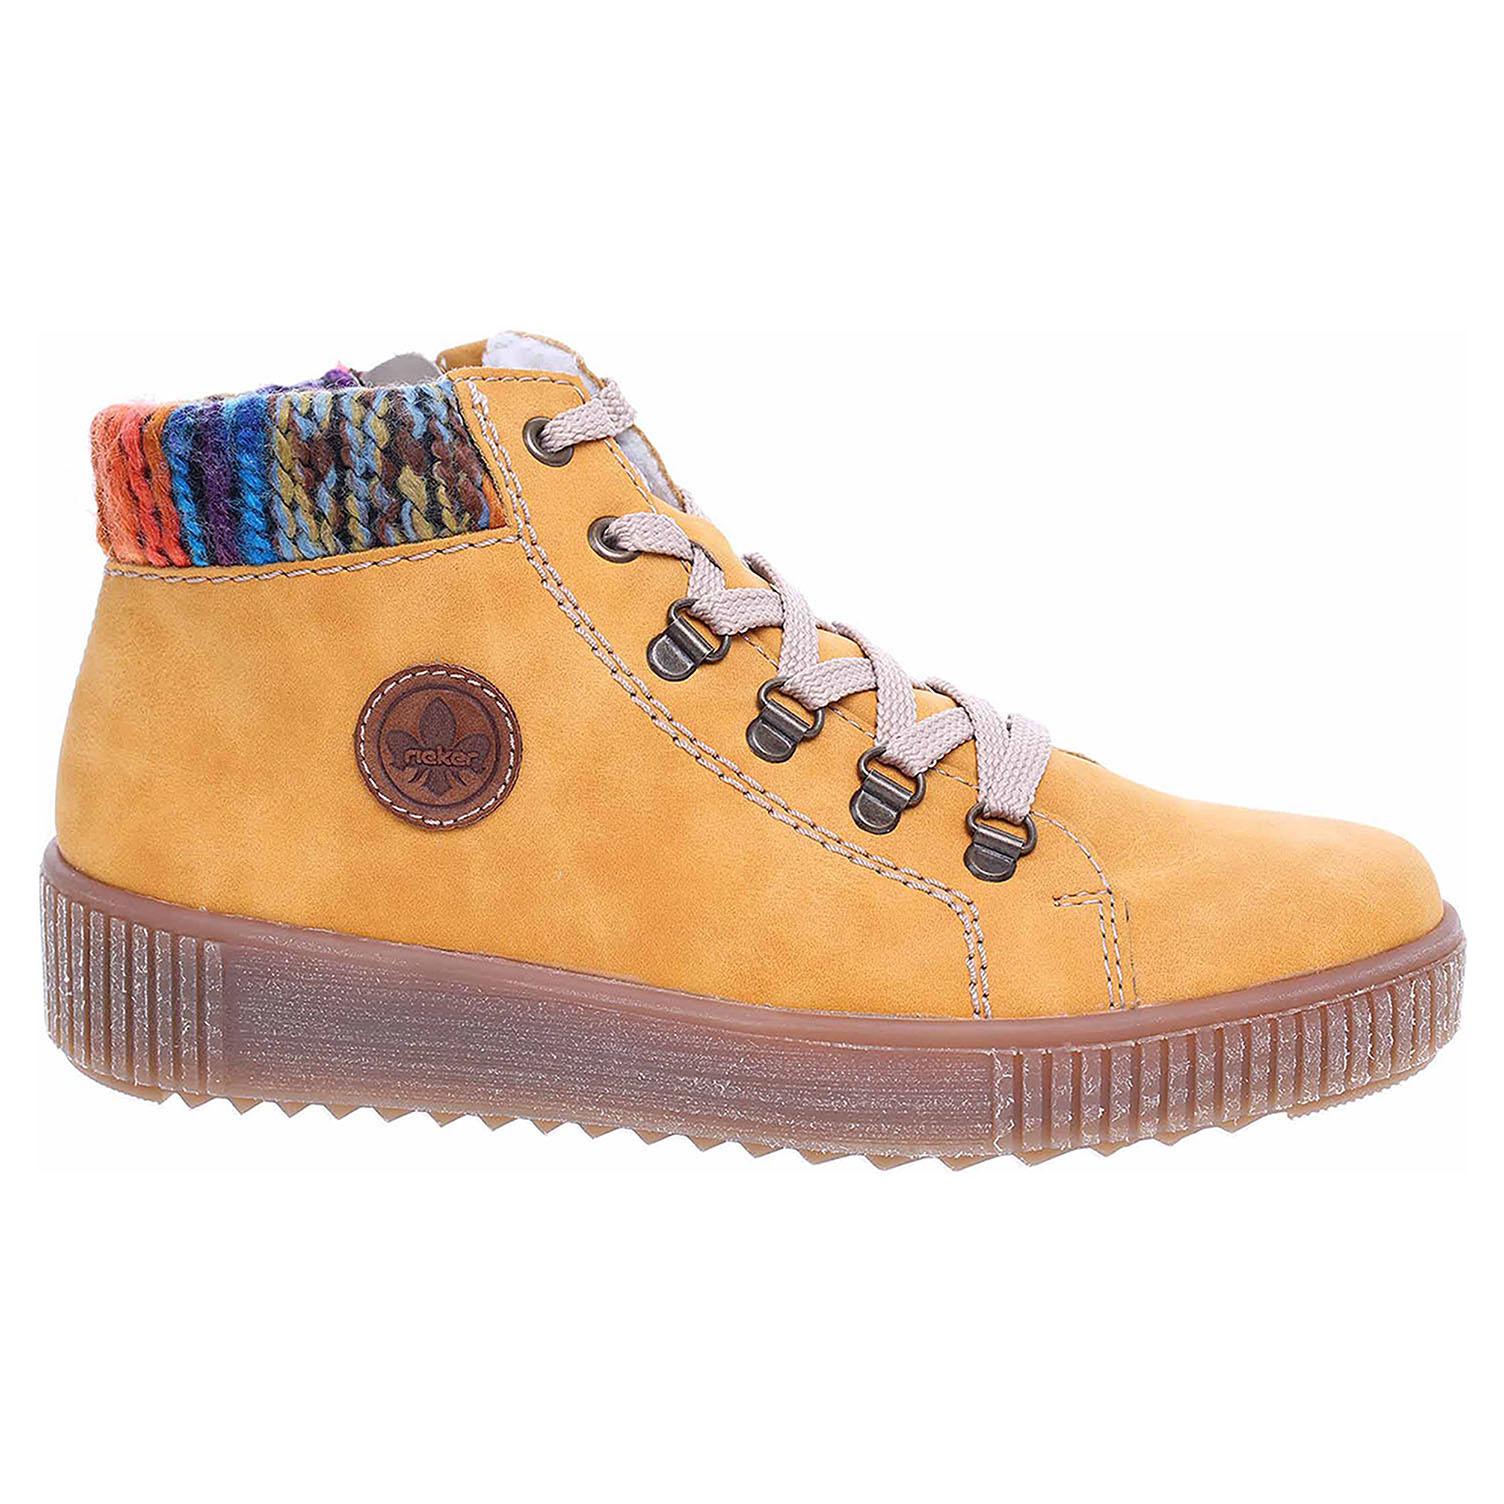 Dámská kotníková obuv Rieker M6411-68 gelb M6411-68 39